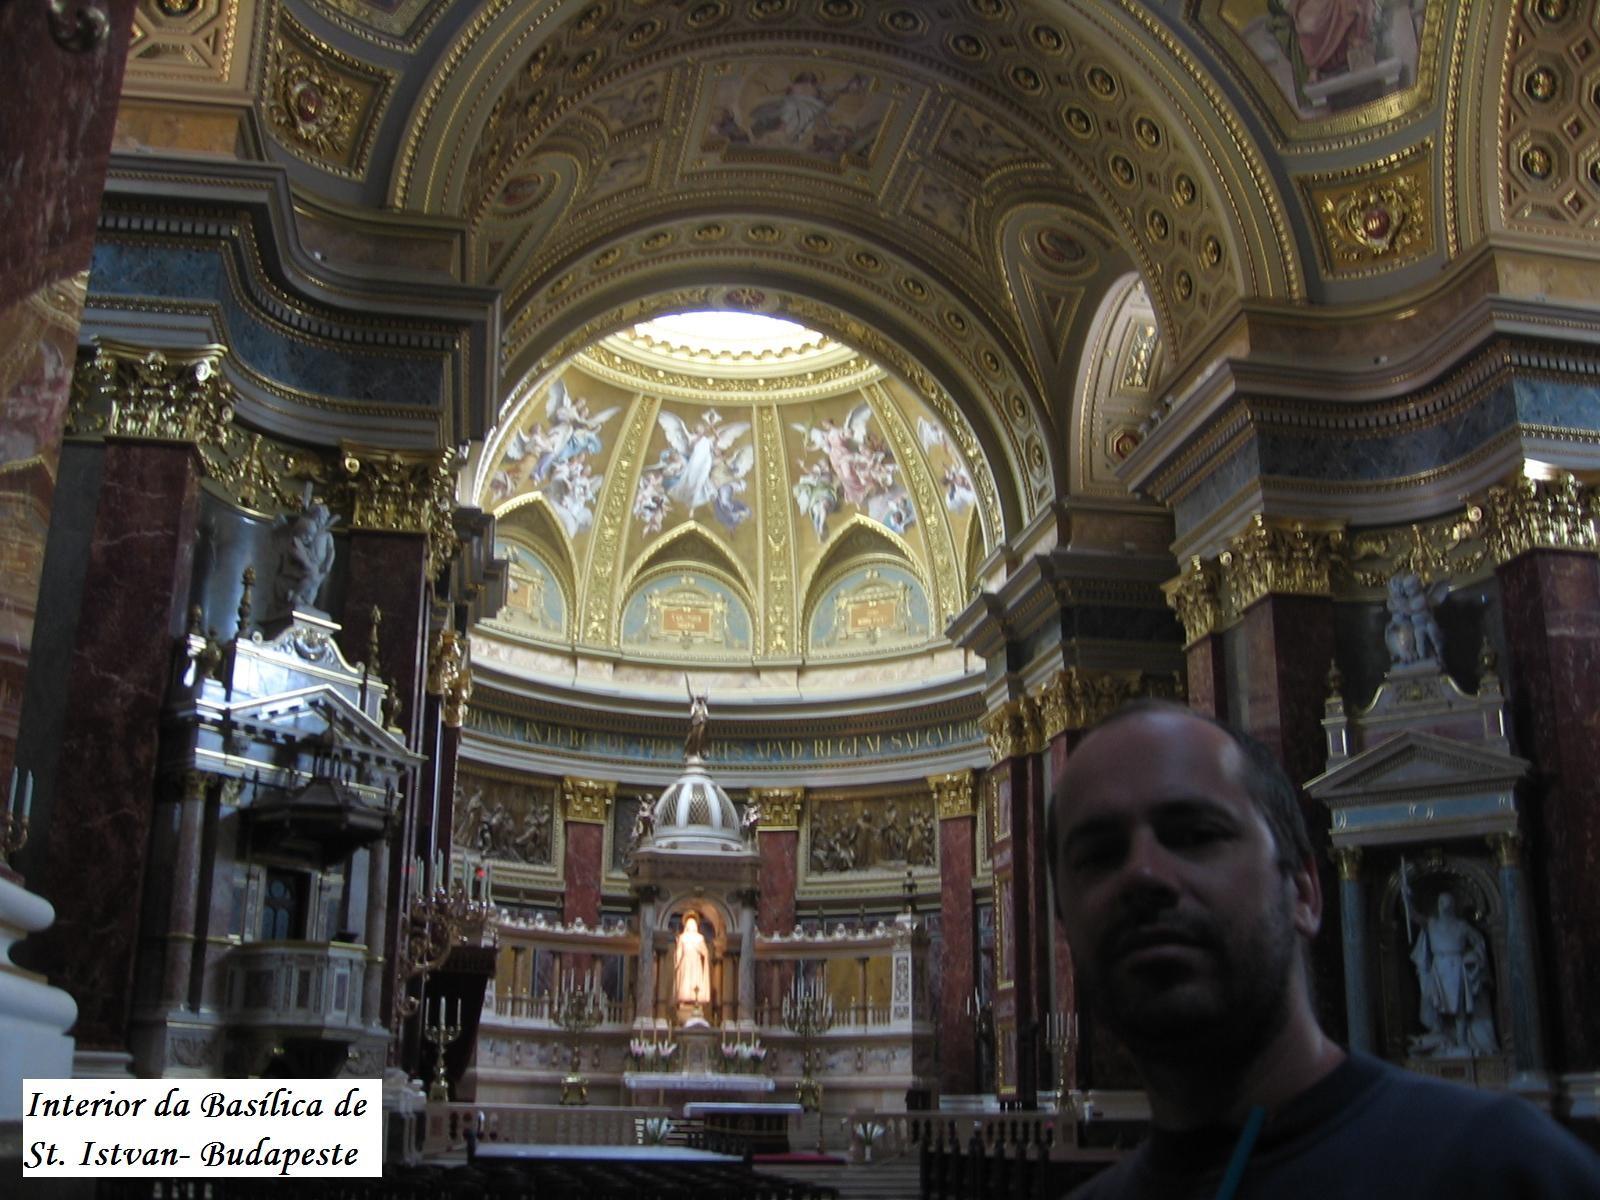 Basílica de St Istvan